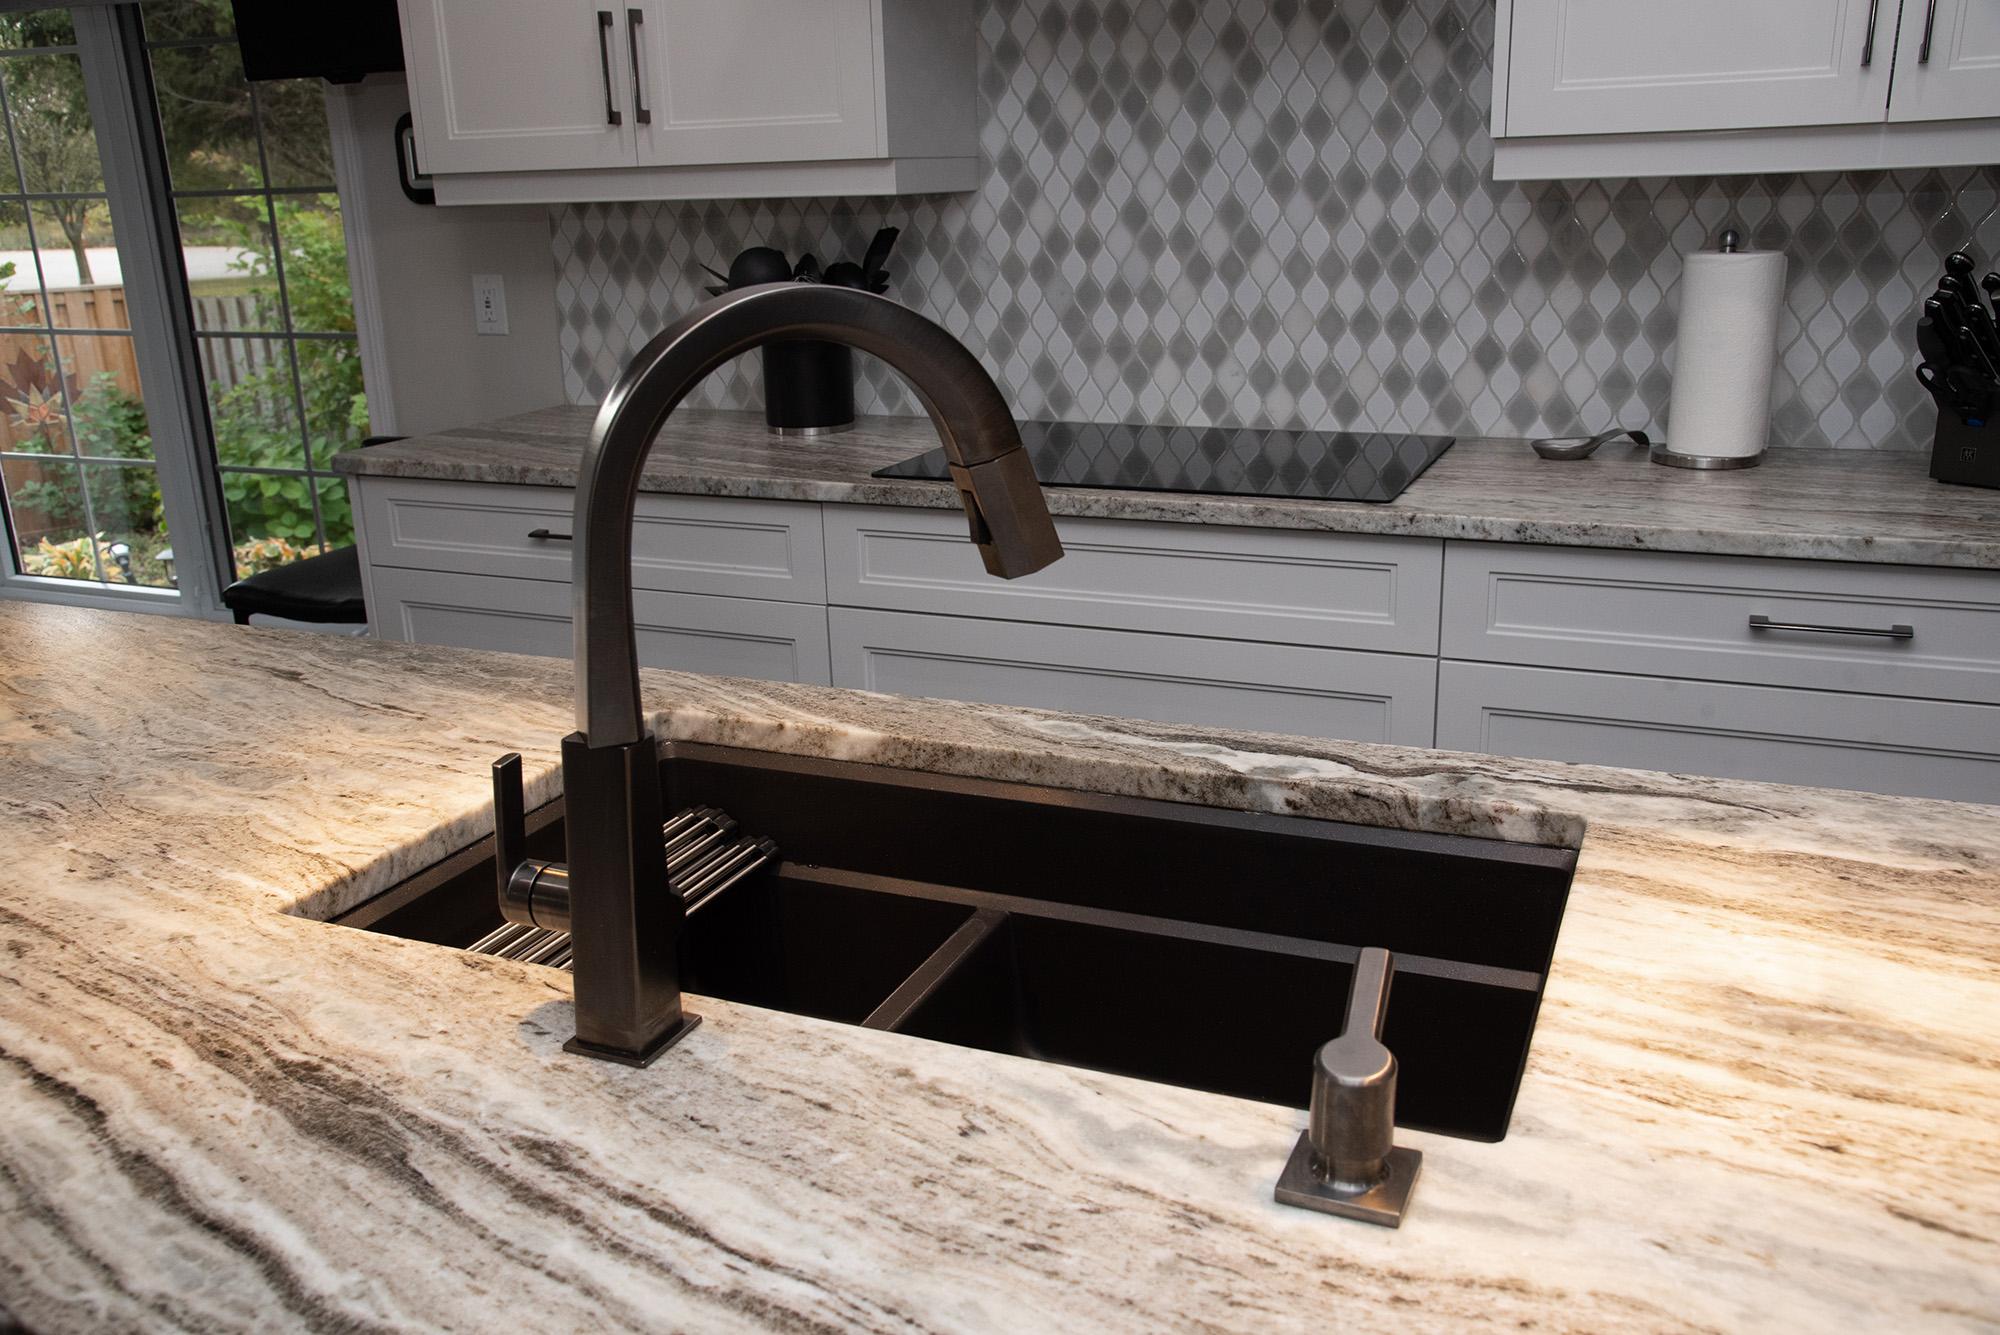 Dryer-sink2